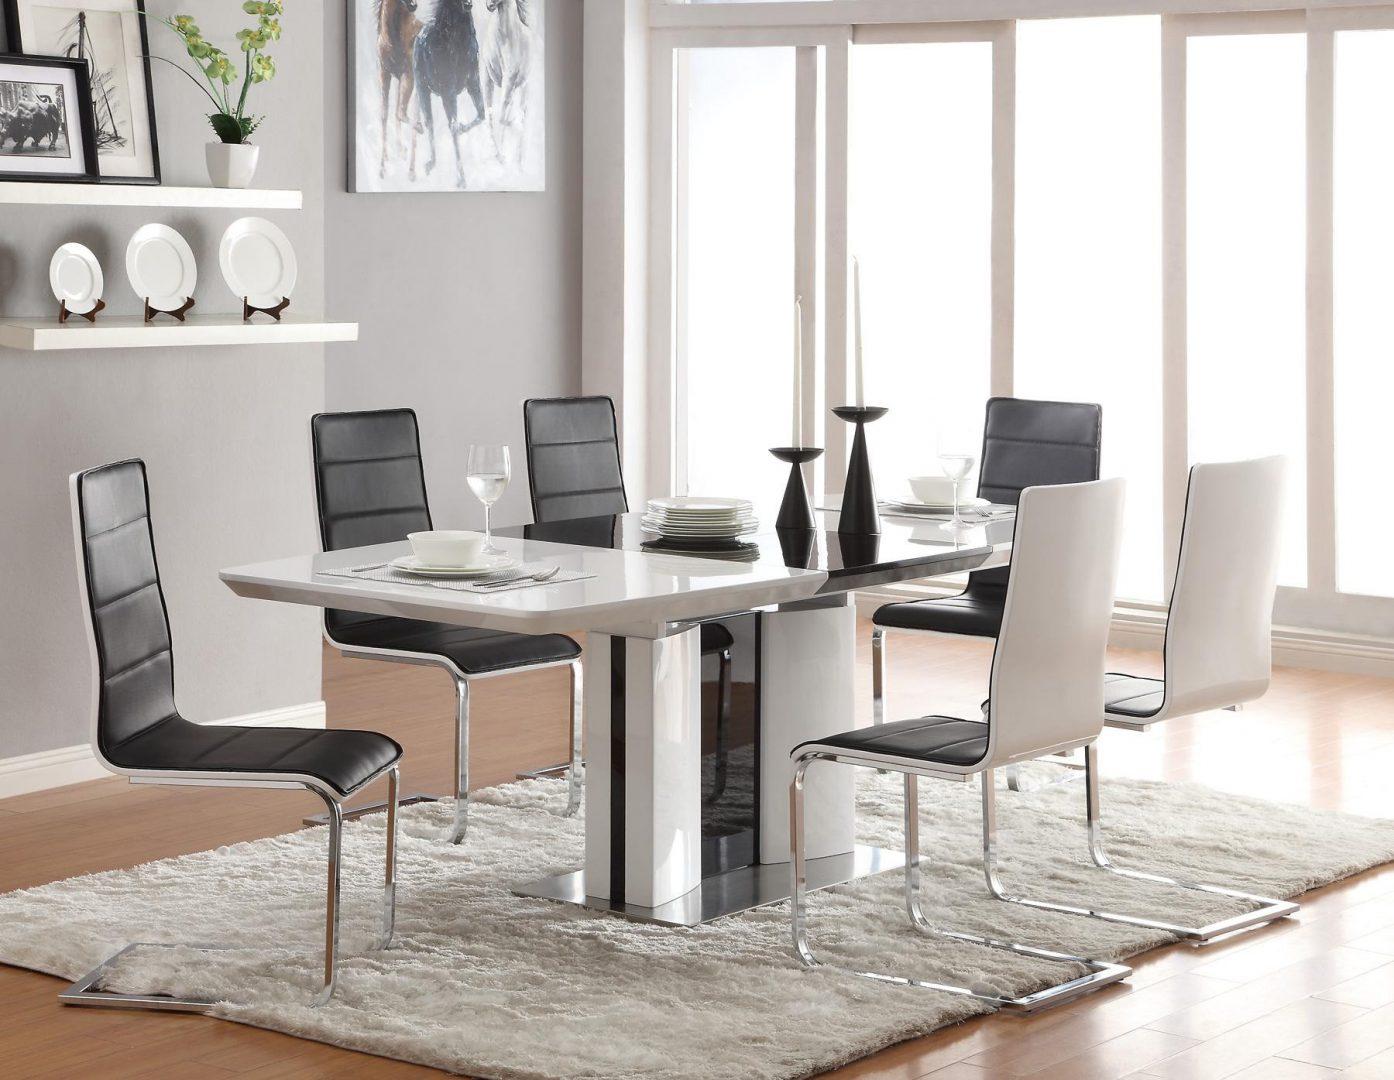 Mesa moderna de comedor en blanco y negro im genes y fotos for Comedores grandes modernos